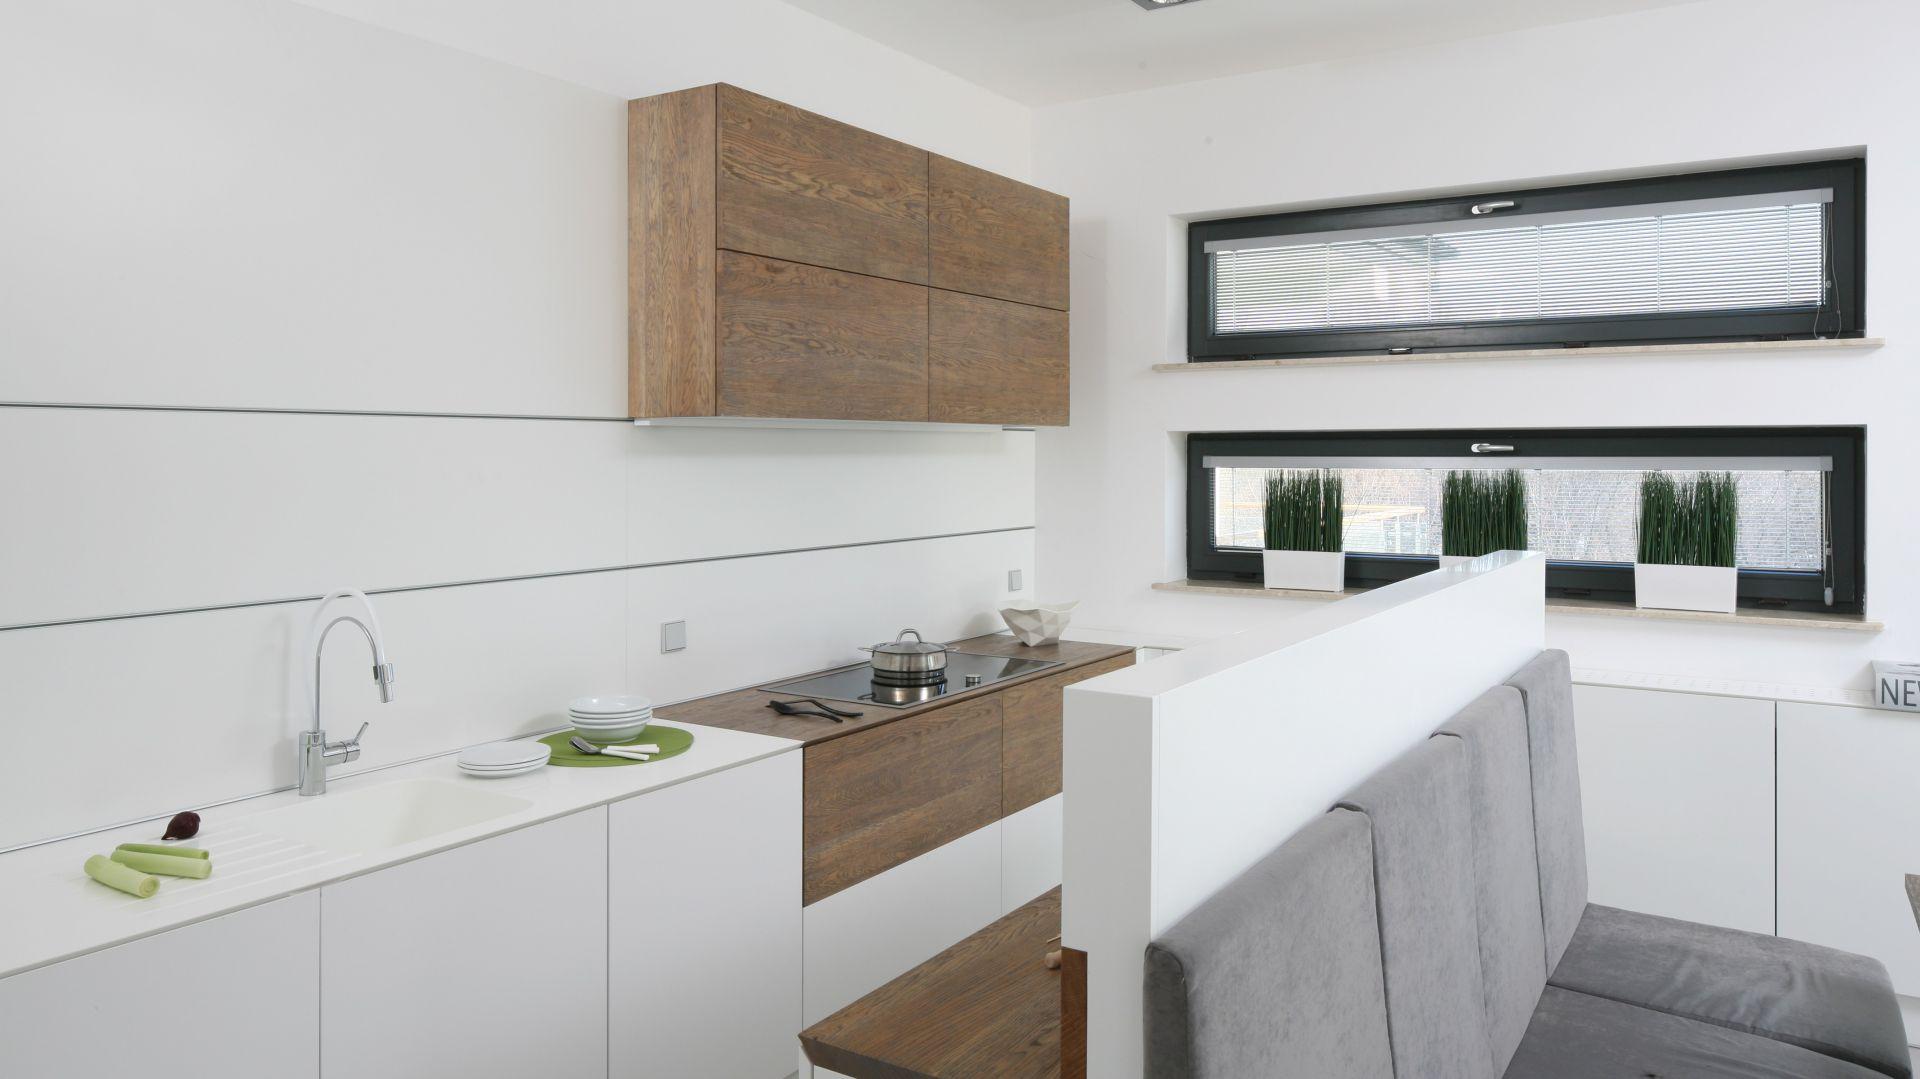 10 Pomyslow Na Biala Kuchnie Ocieplona Drewnem